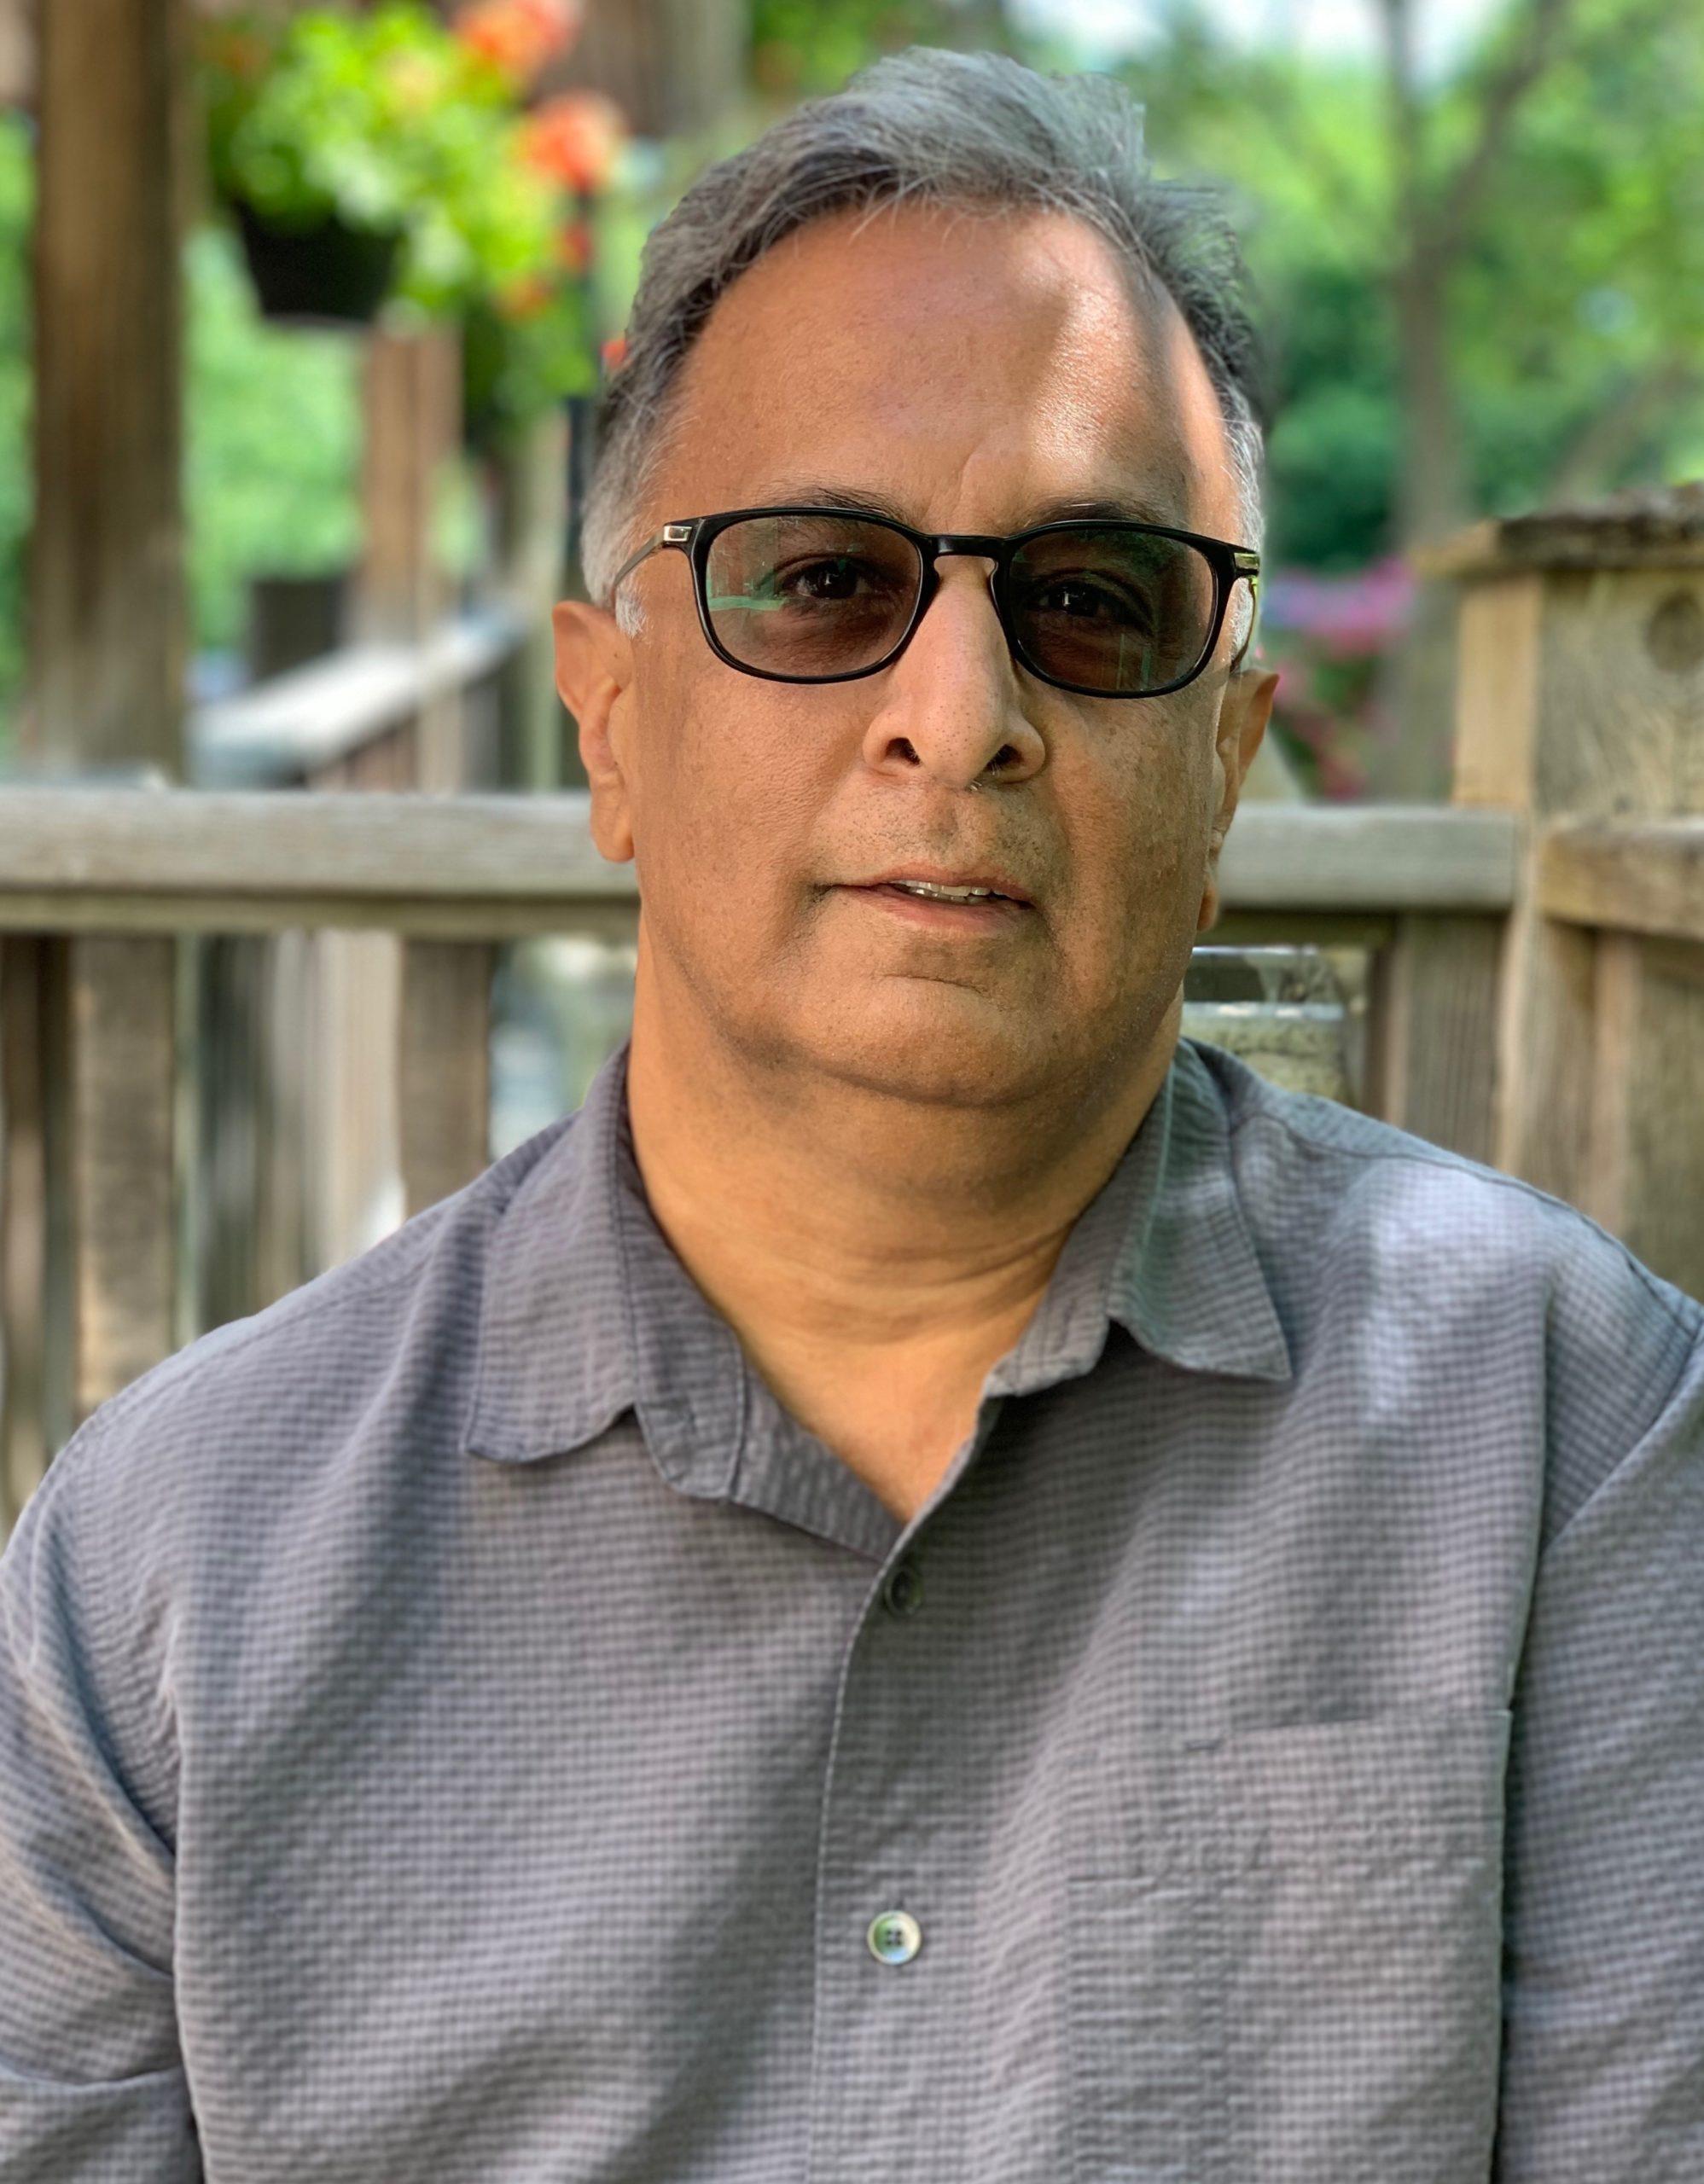 Rashmi Kothary